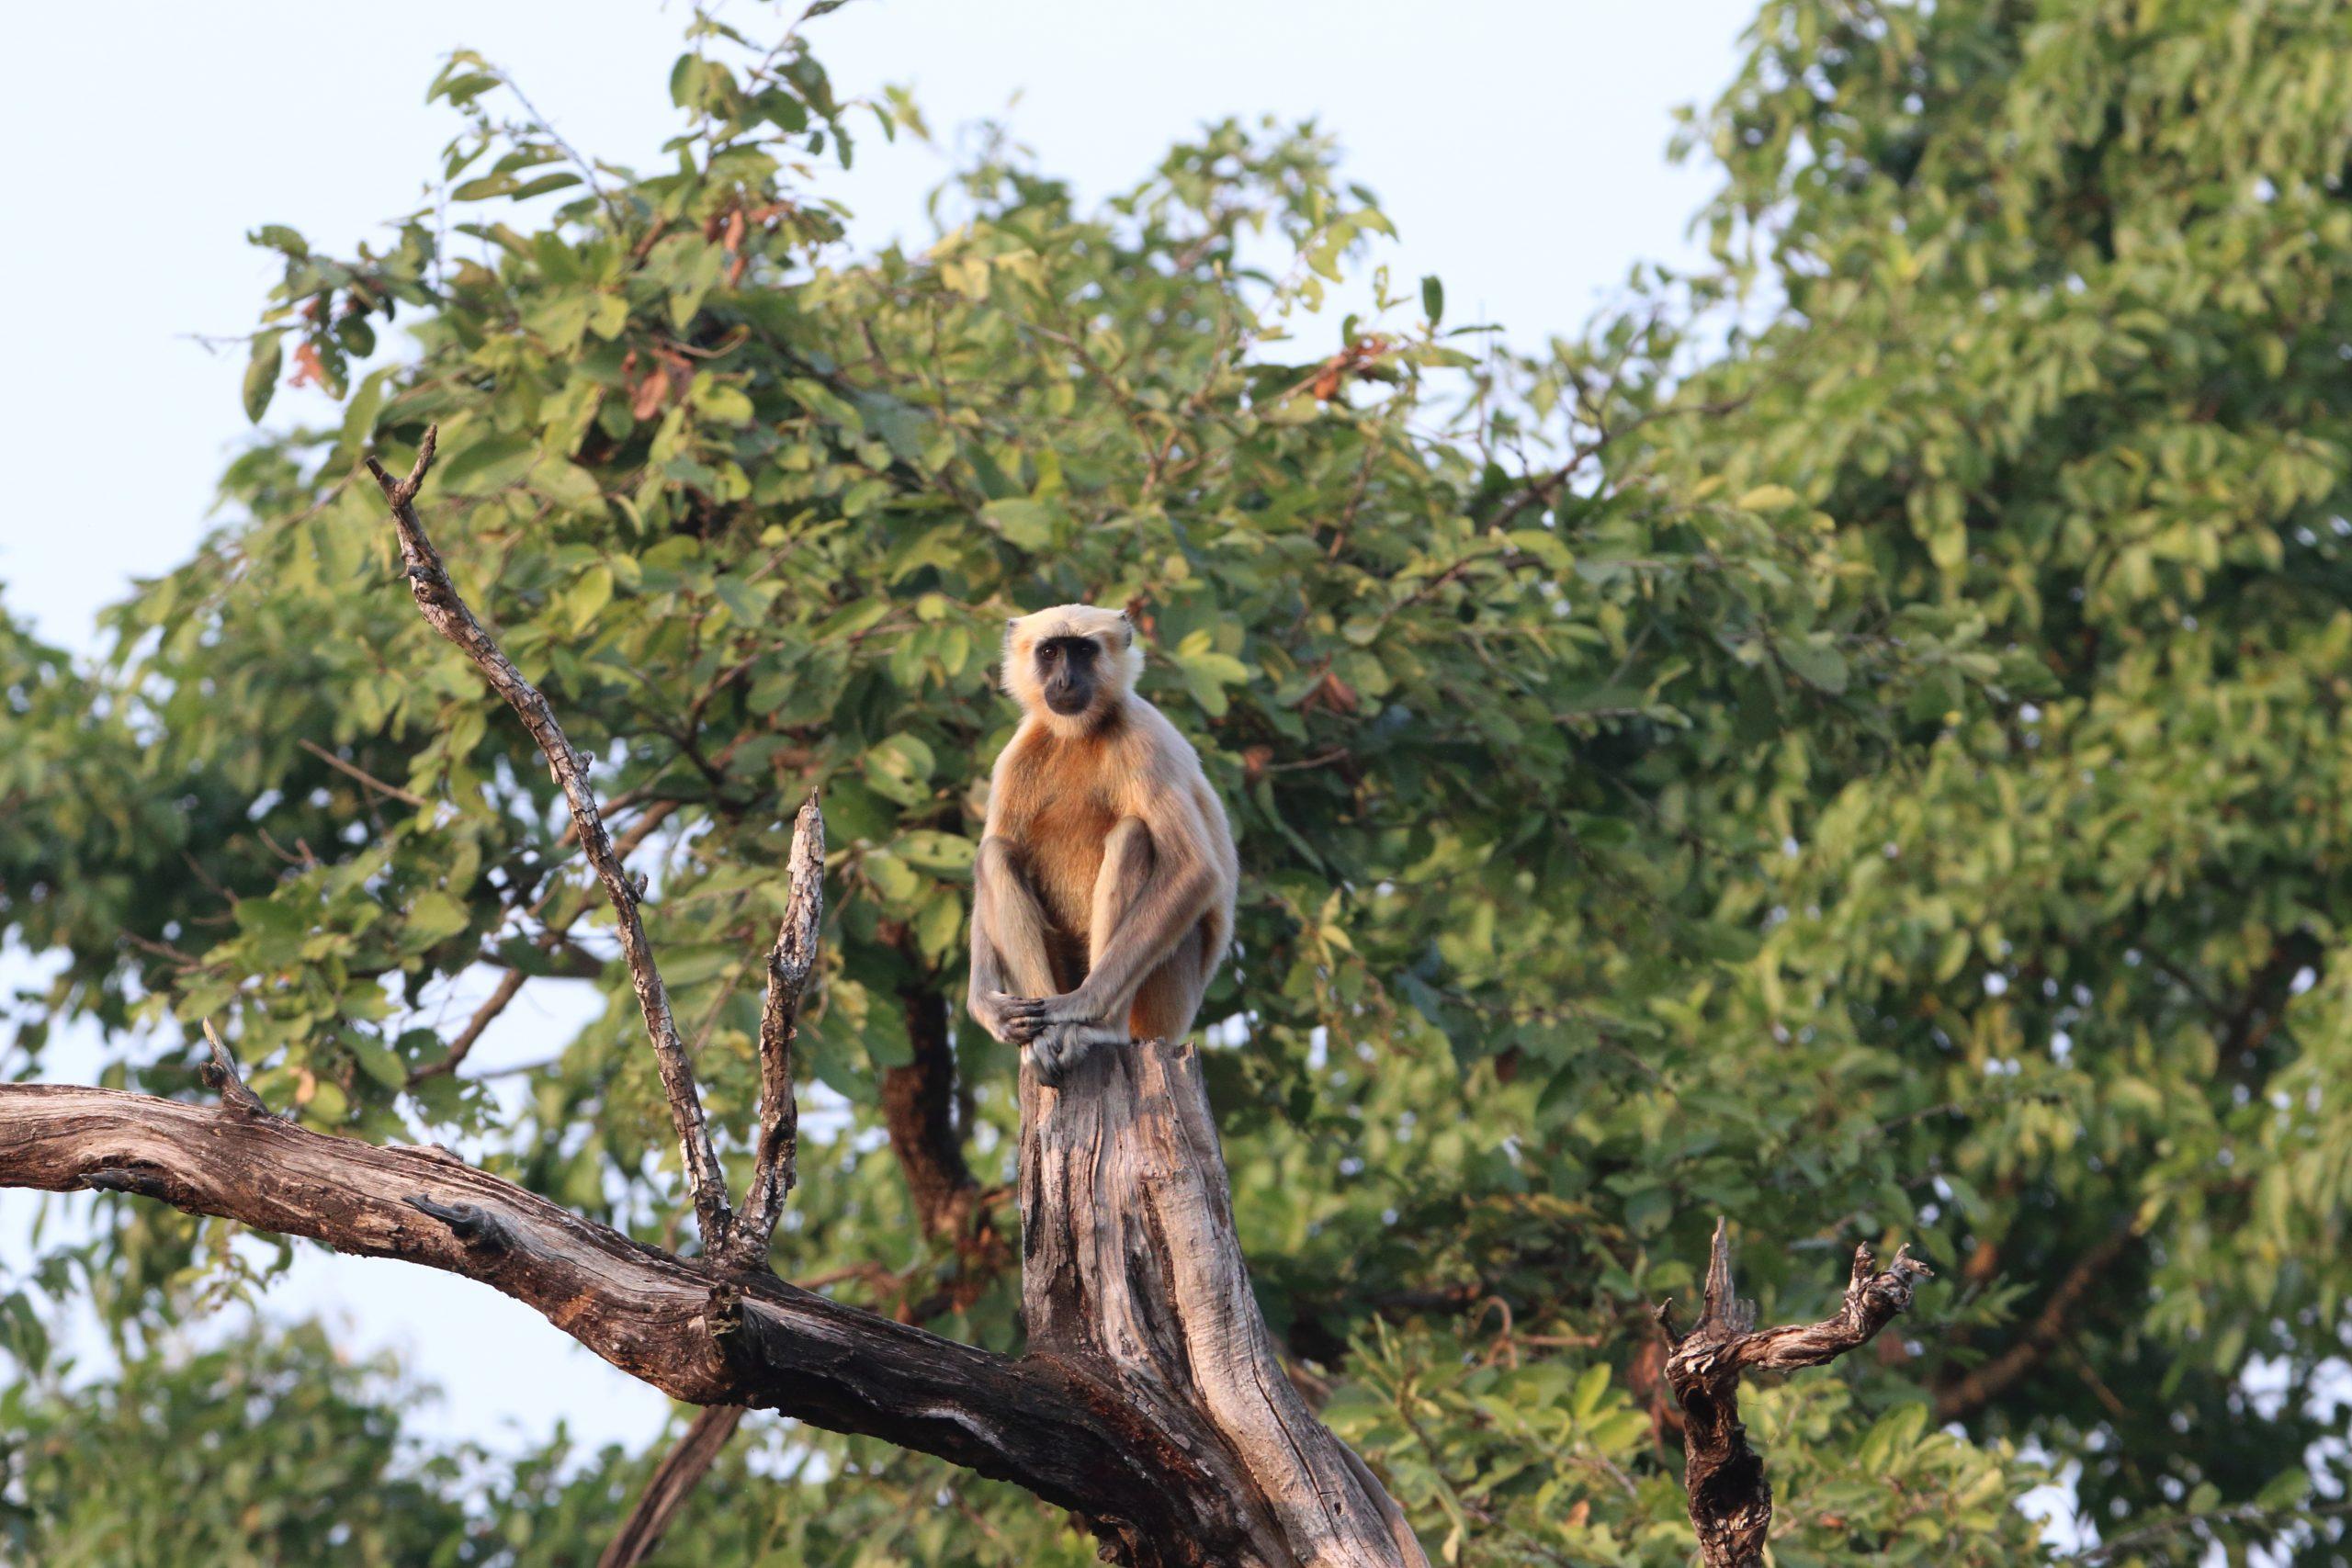 Langur on tree